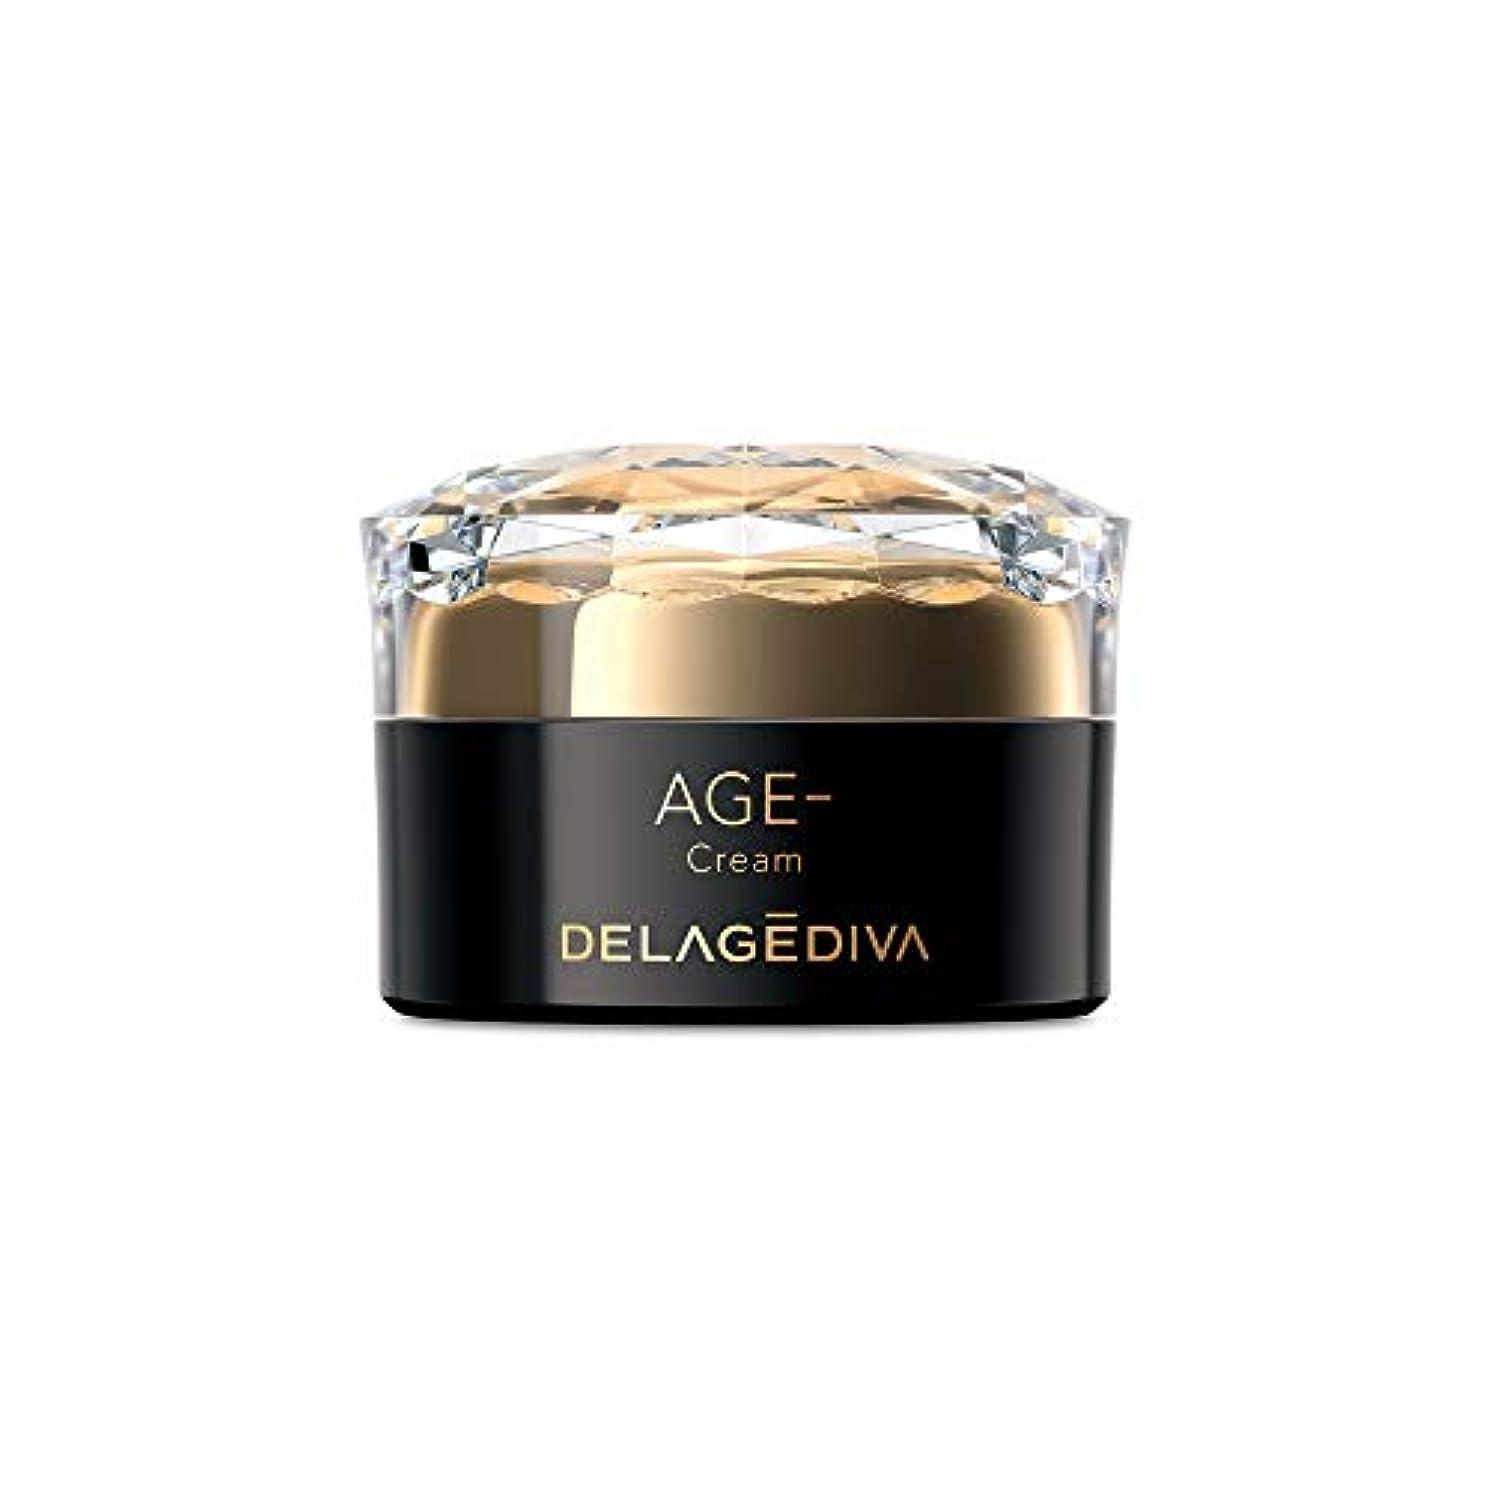 団結するライトニングスノーケルDELAGEDIVA AGE- Cream